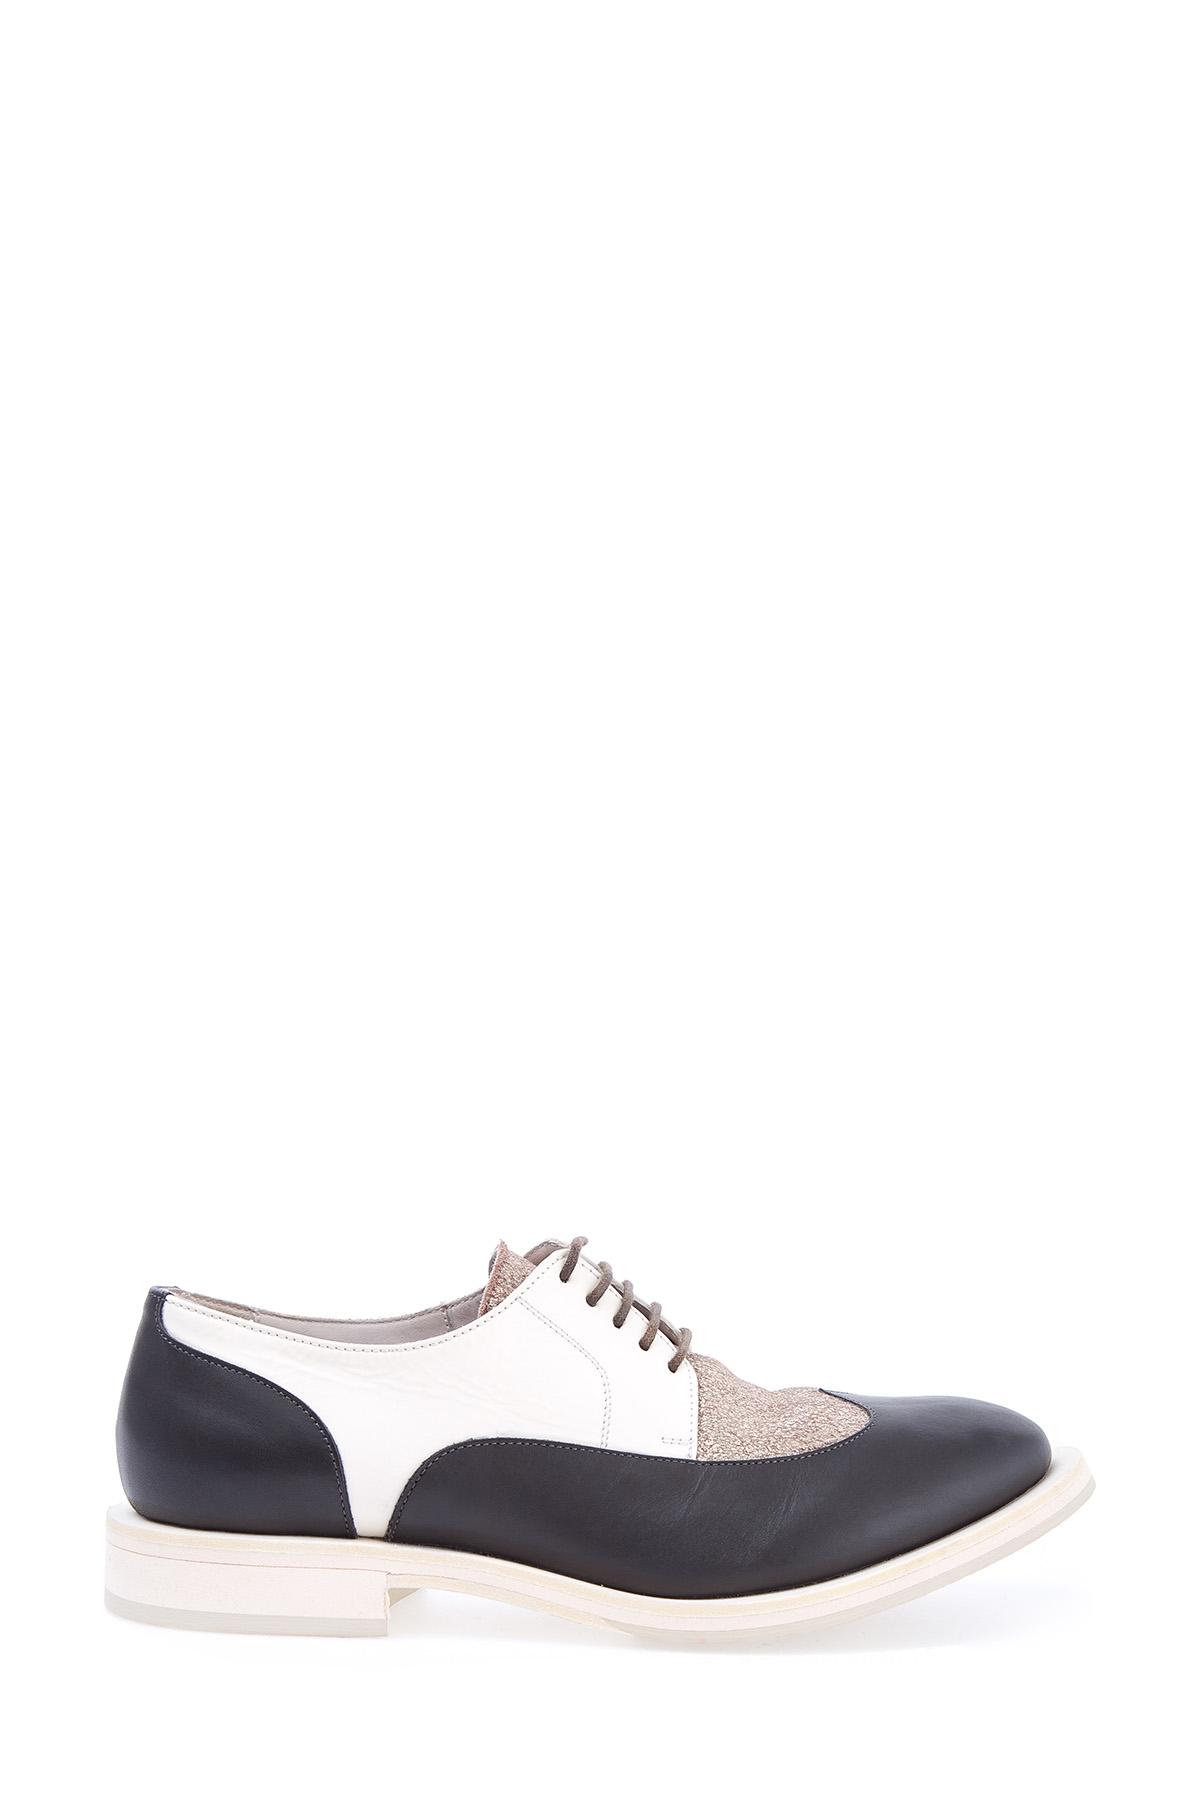 Купить Ботинки-дерби из сочетания трех видов кожи со шнуровкой, BRUNELLO CUCINELLI, Италия, кожа 100%